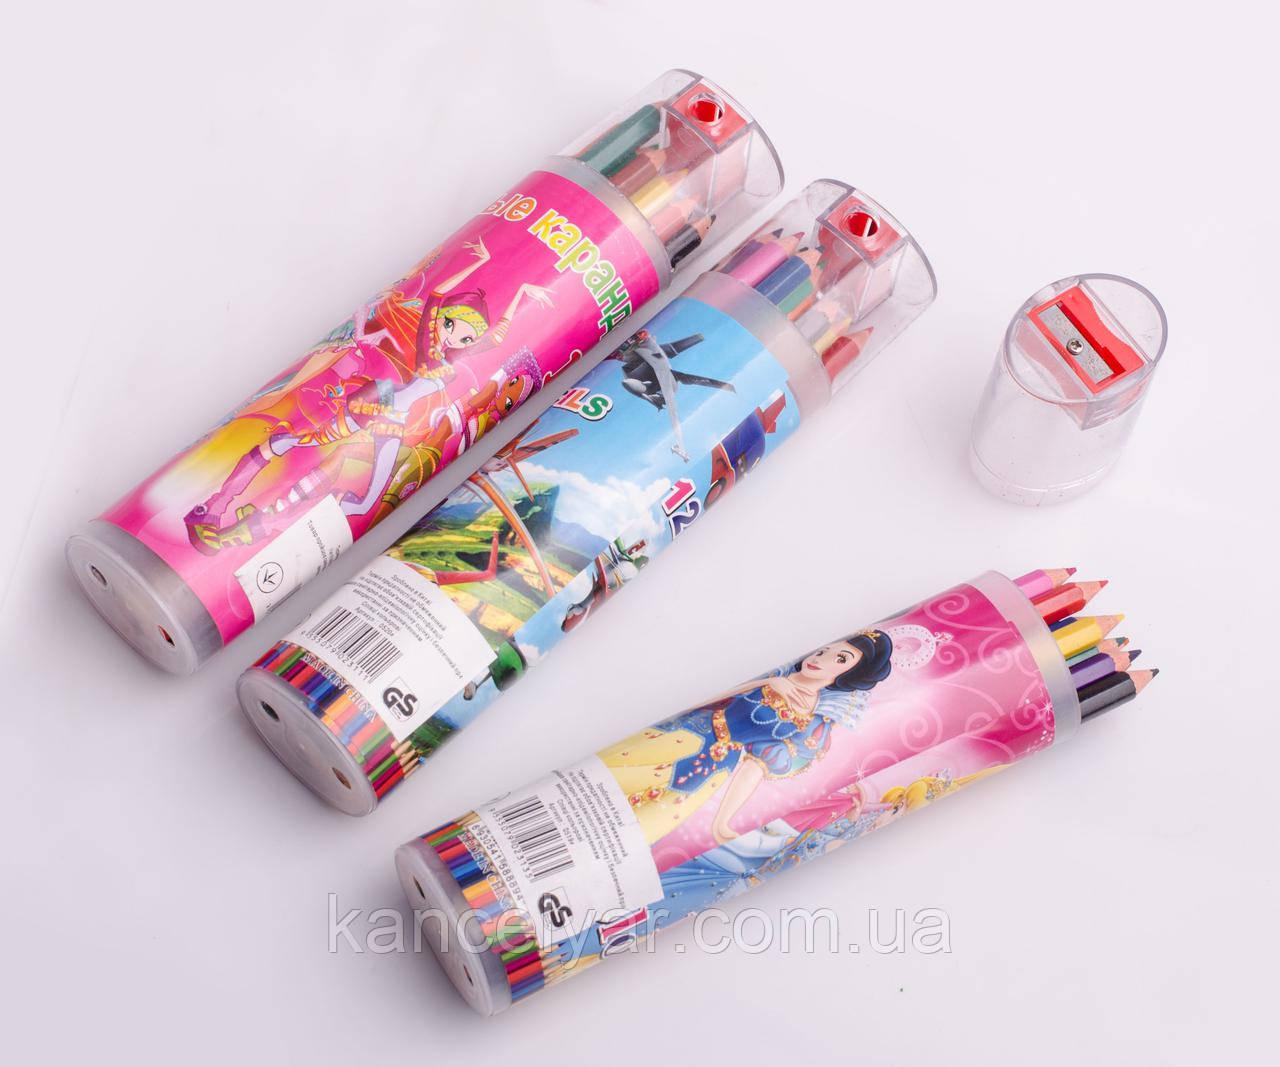 Набір олівців у контейнері: 12 кольорів, точилка, в асортименті